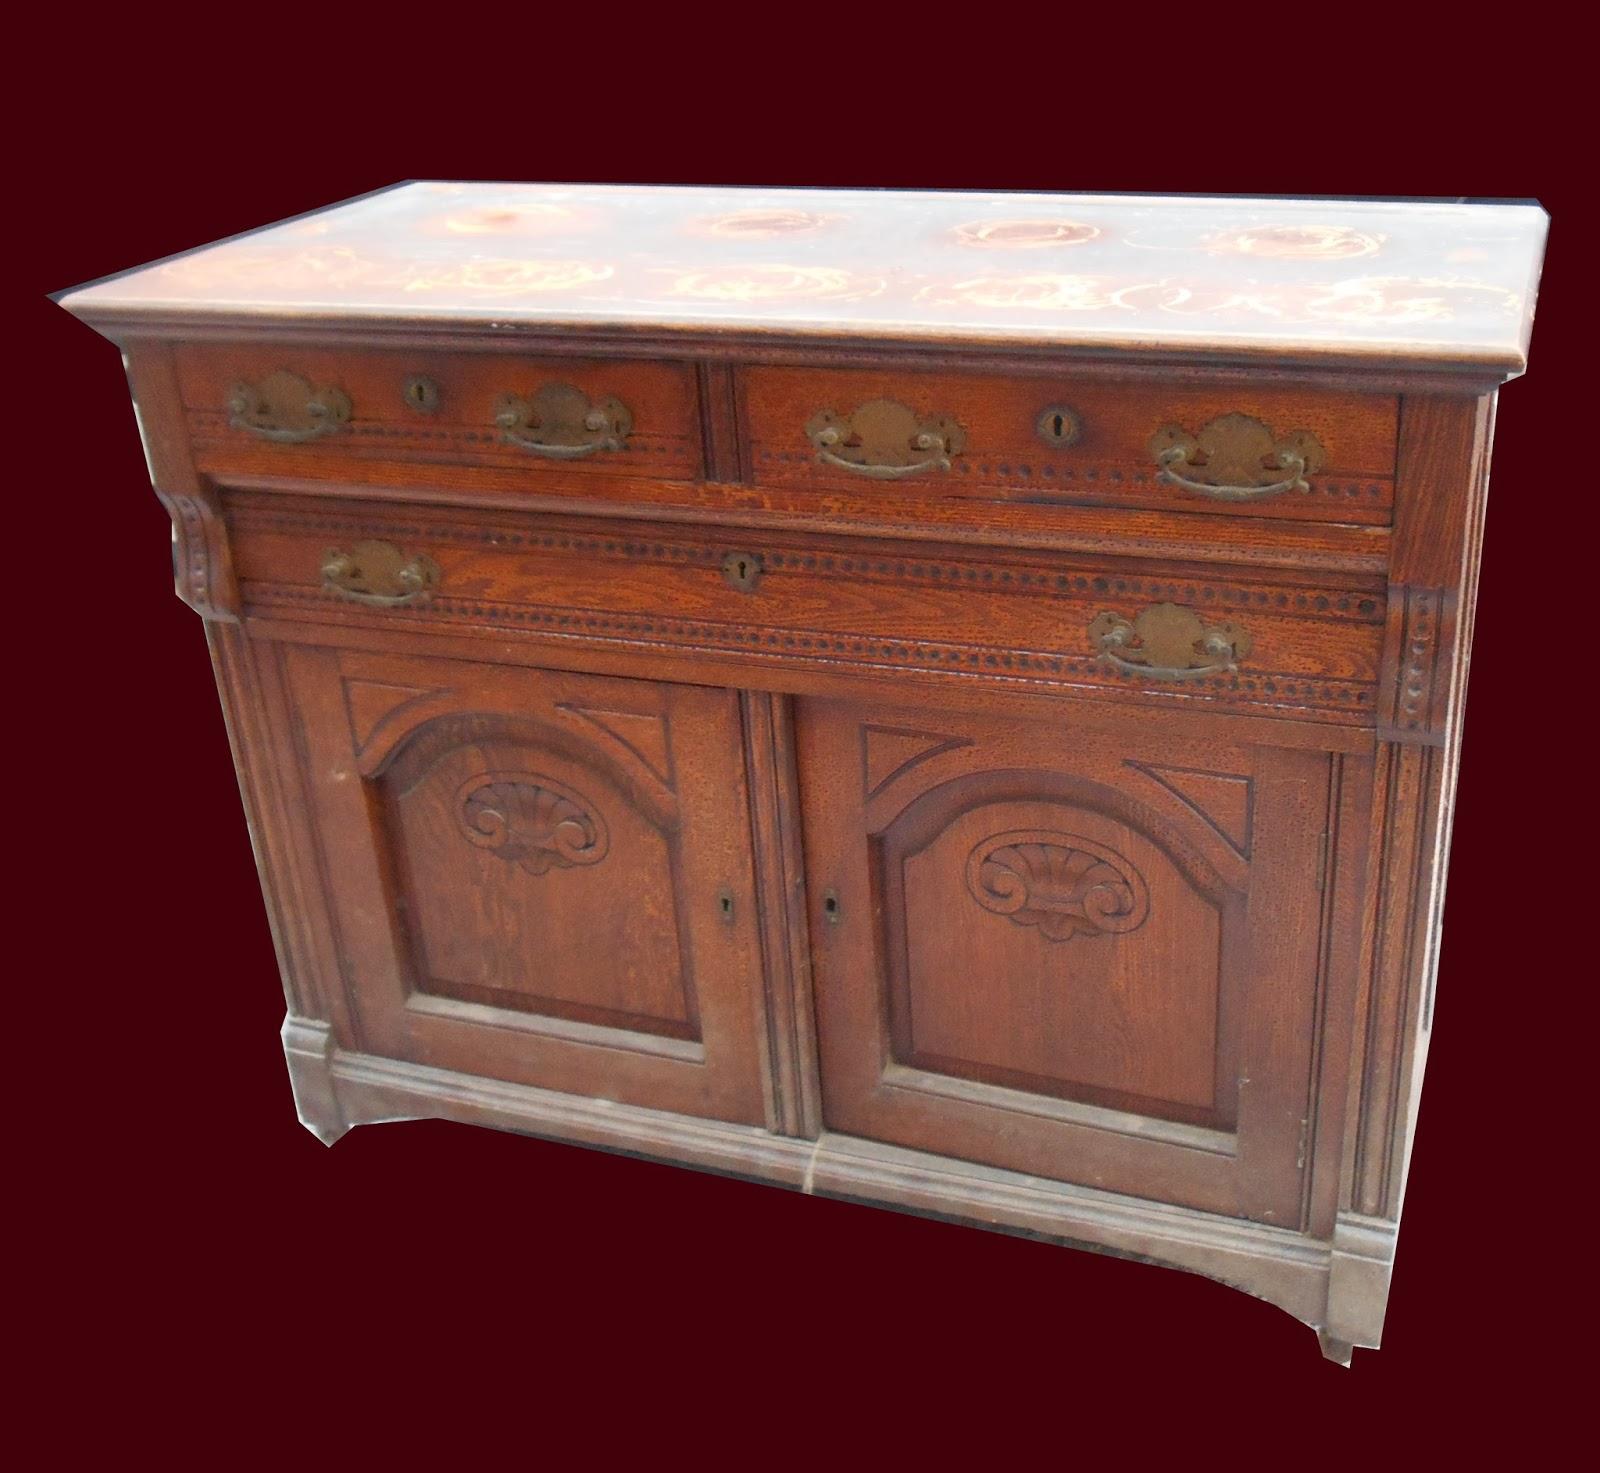 uhuru furniture collectibles eastlake buffet sold. Black Bedroom Furniture Sets. Home Design Ideas